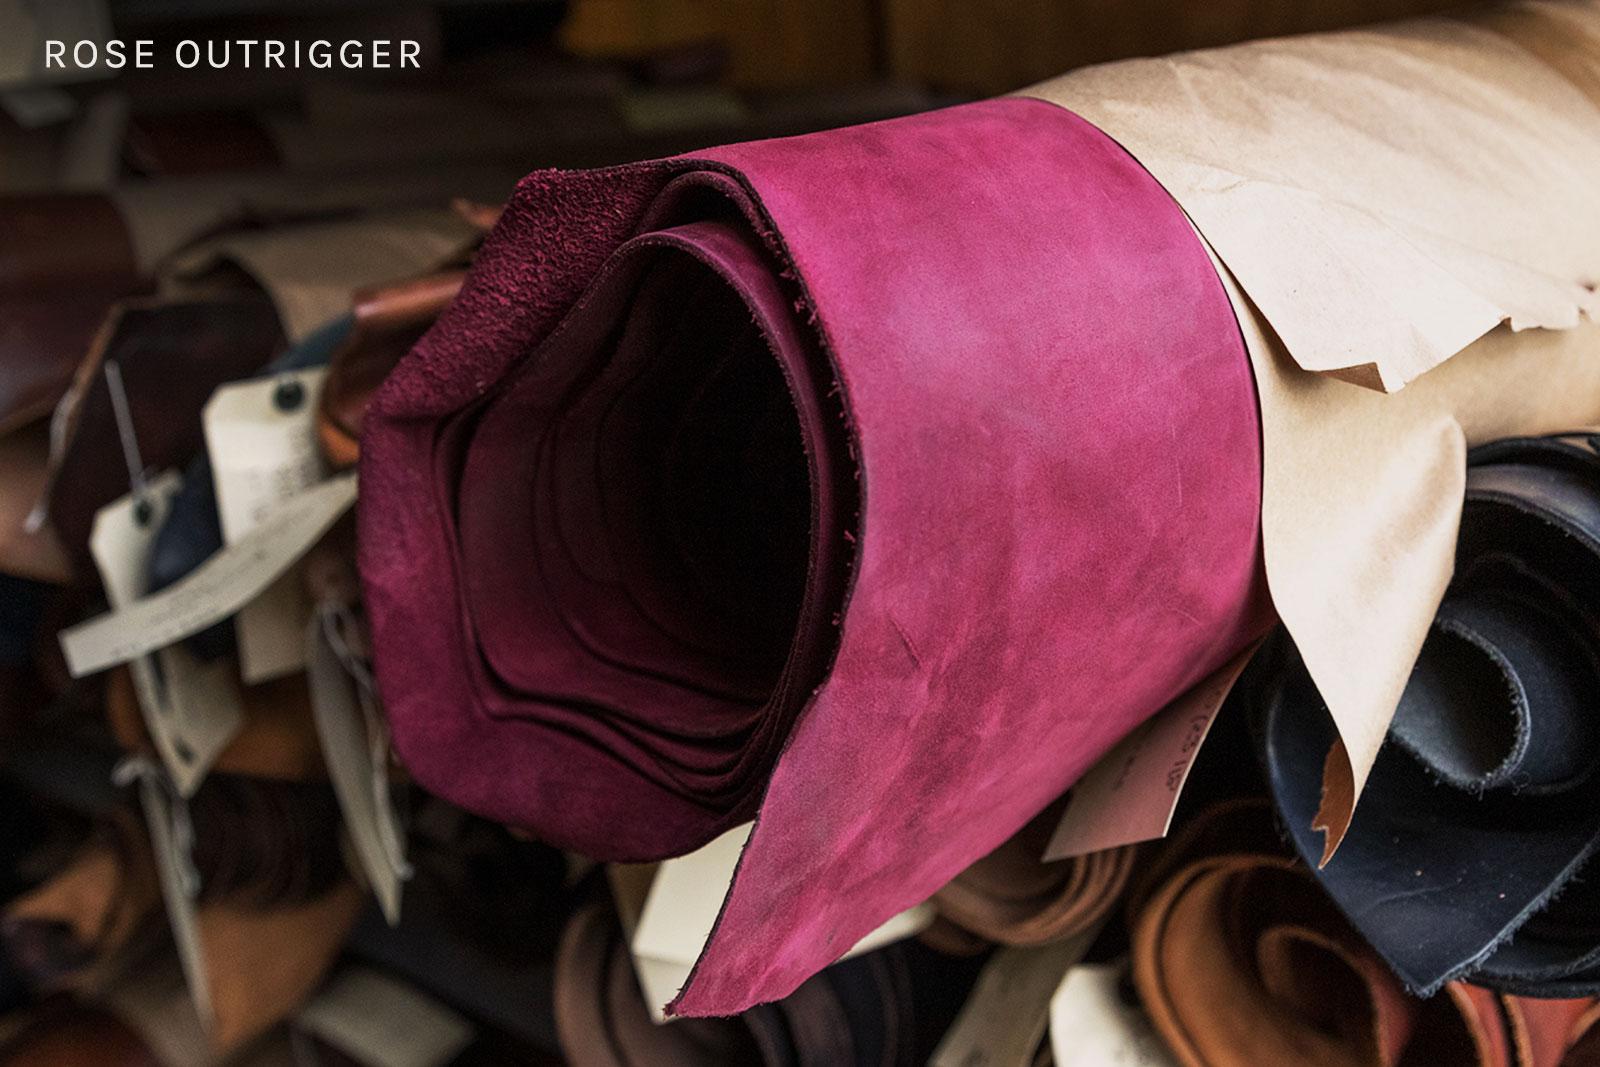 rose-outrigger-carousel.jpg